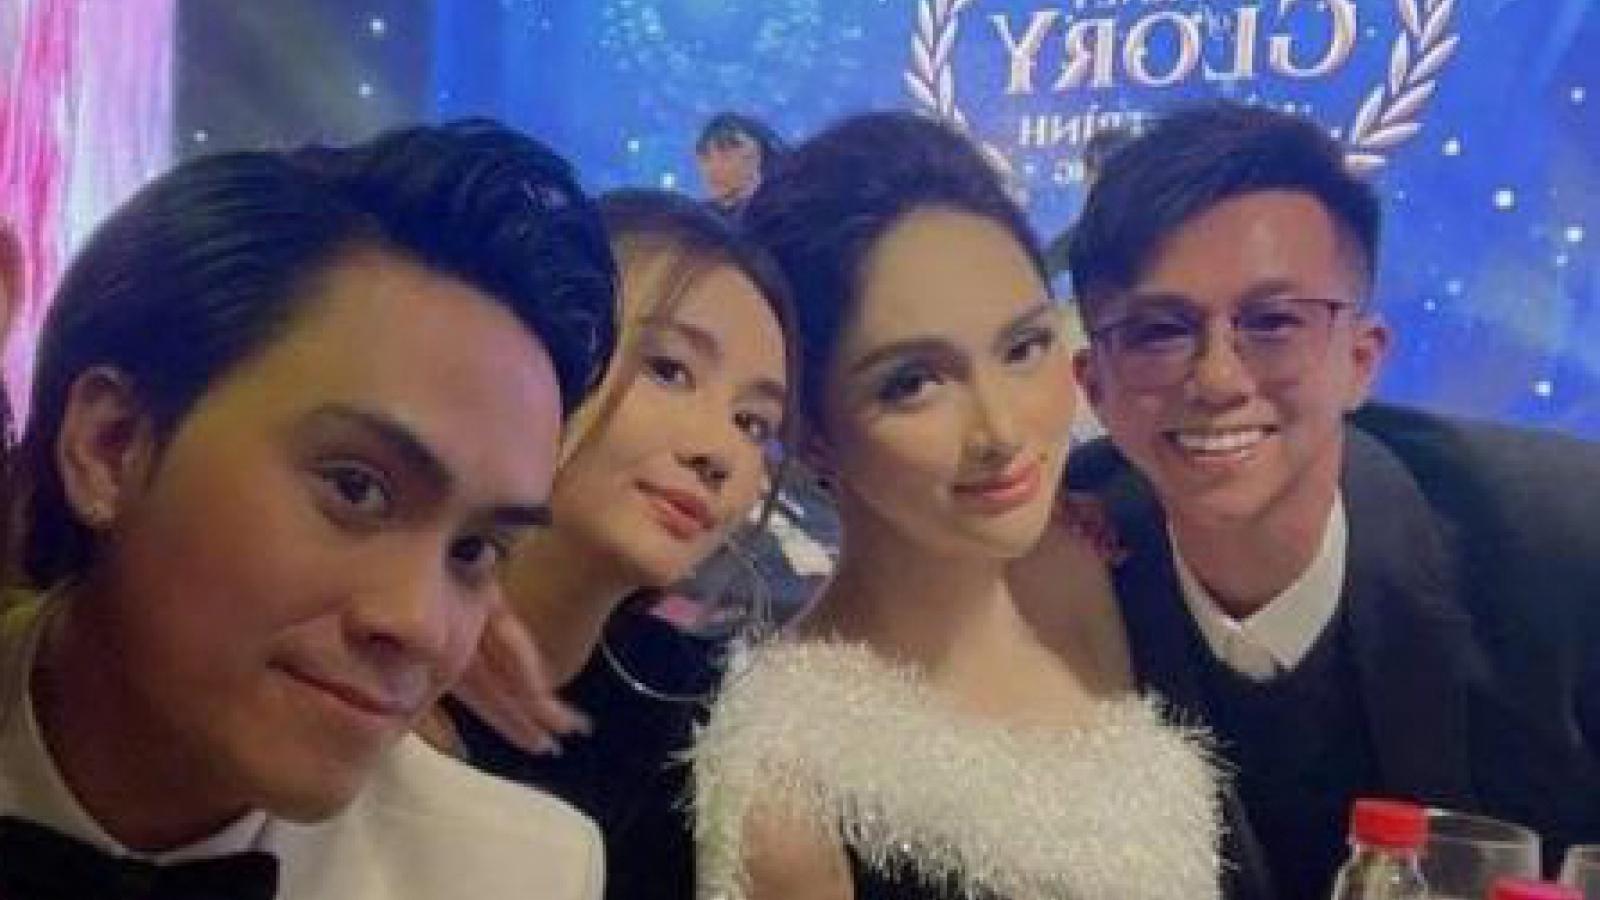 Chuyện showbiz: Hoa hậu Hương Giang tình tứ sánh đôi bên bạn trai CEO sau khi bị tố vô ơn